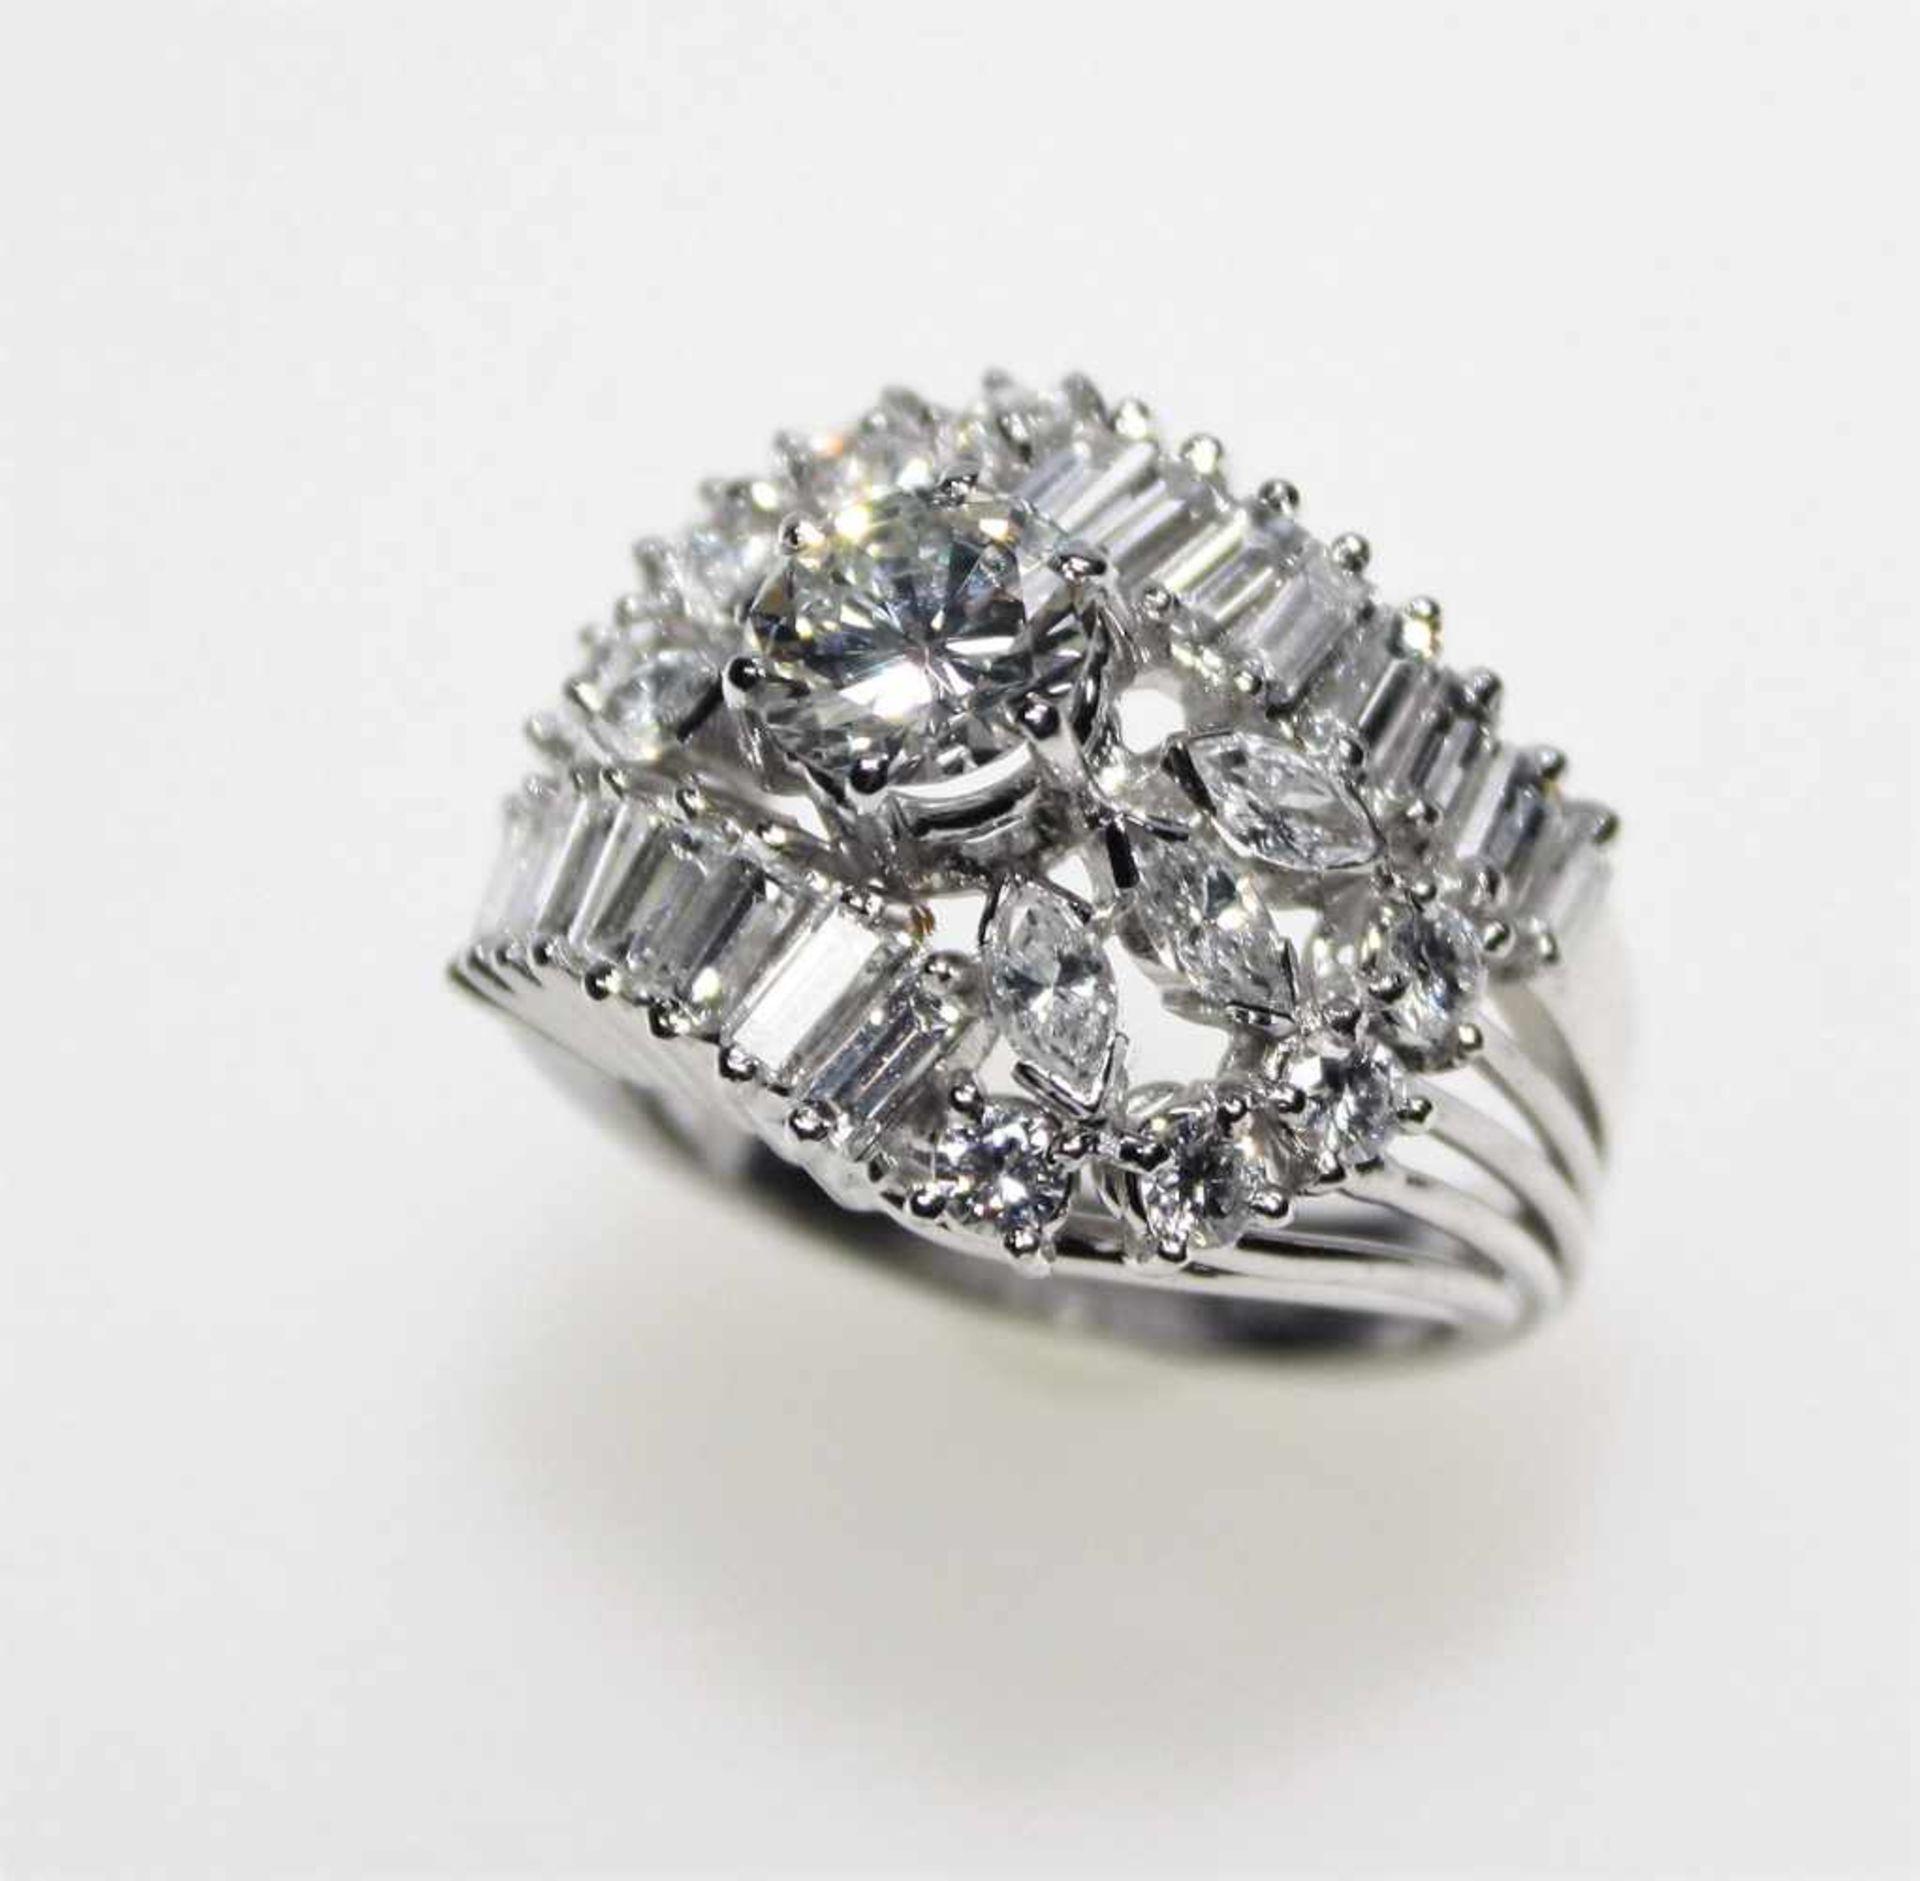 Los 20 - Weißgoldring ca. 750/f, verbreiterter Ringkopf mit Diamanten in Brillant-, Navette und